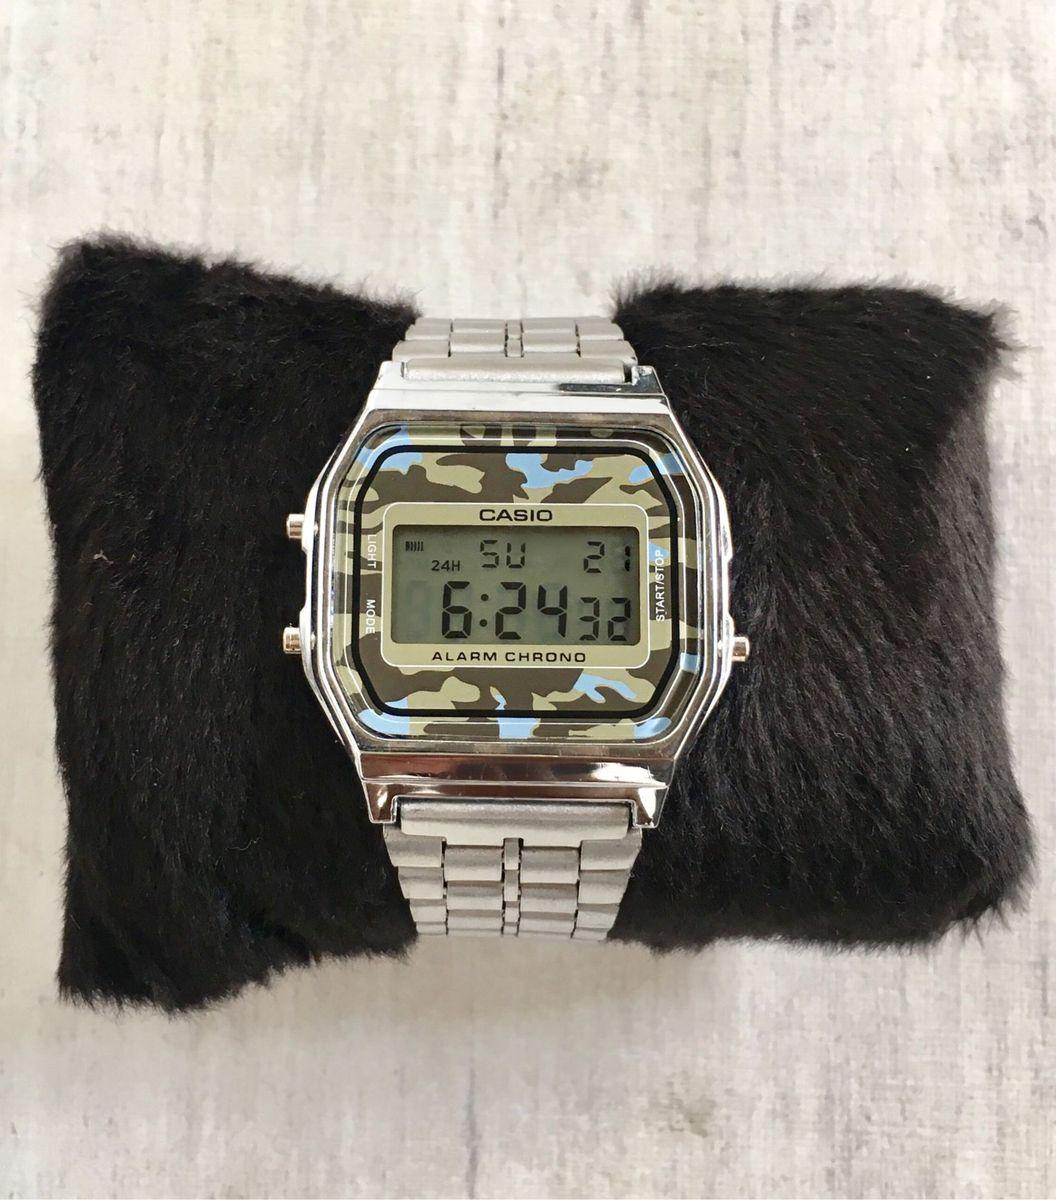 a1186efd1ea camuflado prata - relógios casio.  Czm6ly9wag90b3muzw5qb2vplmnvbs5ici9wcm9kdwn0cy83ntaznjiwl2vizjqwmzjlmdvmota0mdlknzkxnzu5mtazndvkndexlmpwzw  ...